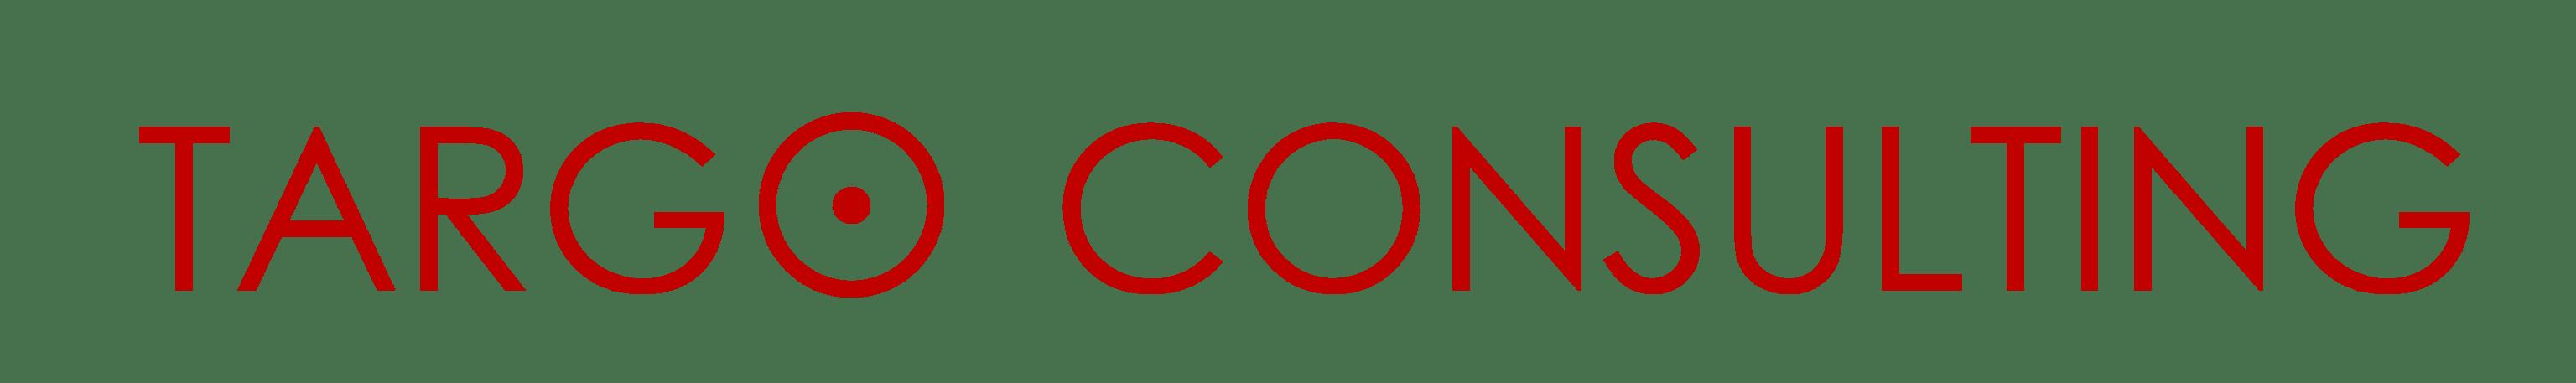 לוגו אדום של טרגו יזמות תוכנית עסקית